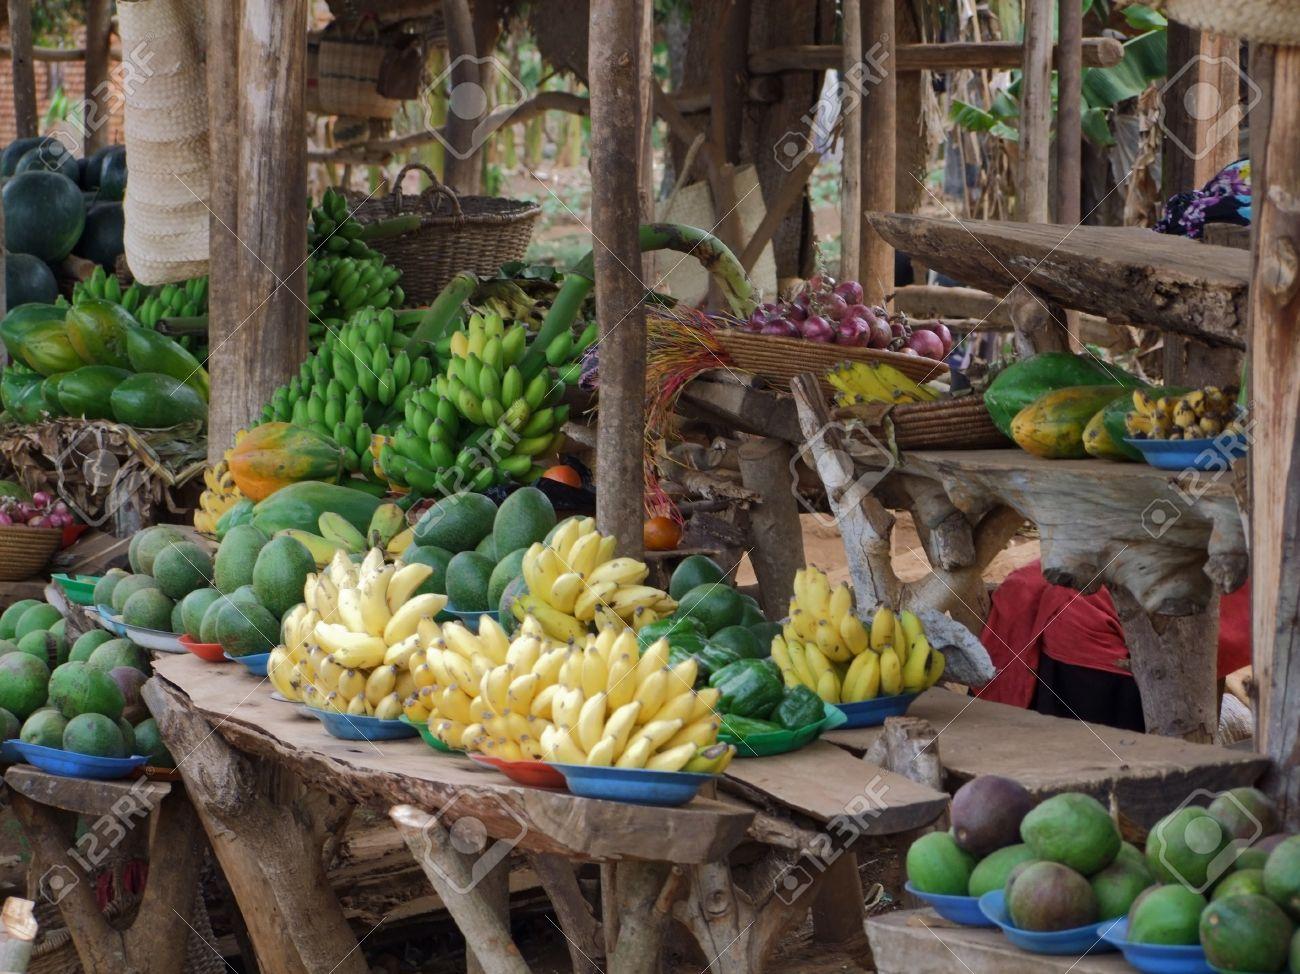 detalle de un mercado en Uganda (África) con una gran cantidad de frutas y verduras Foto de archivo - 11095318